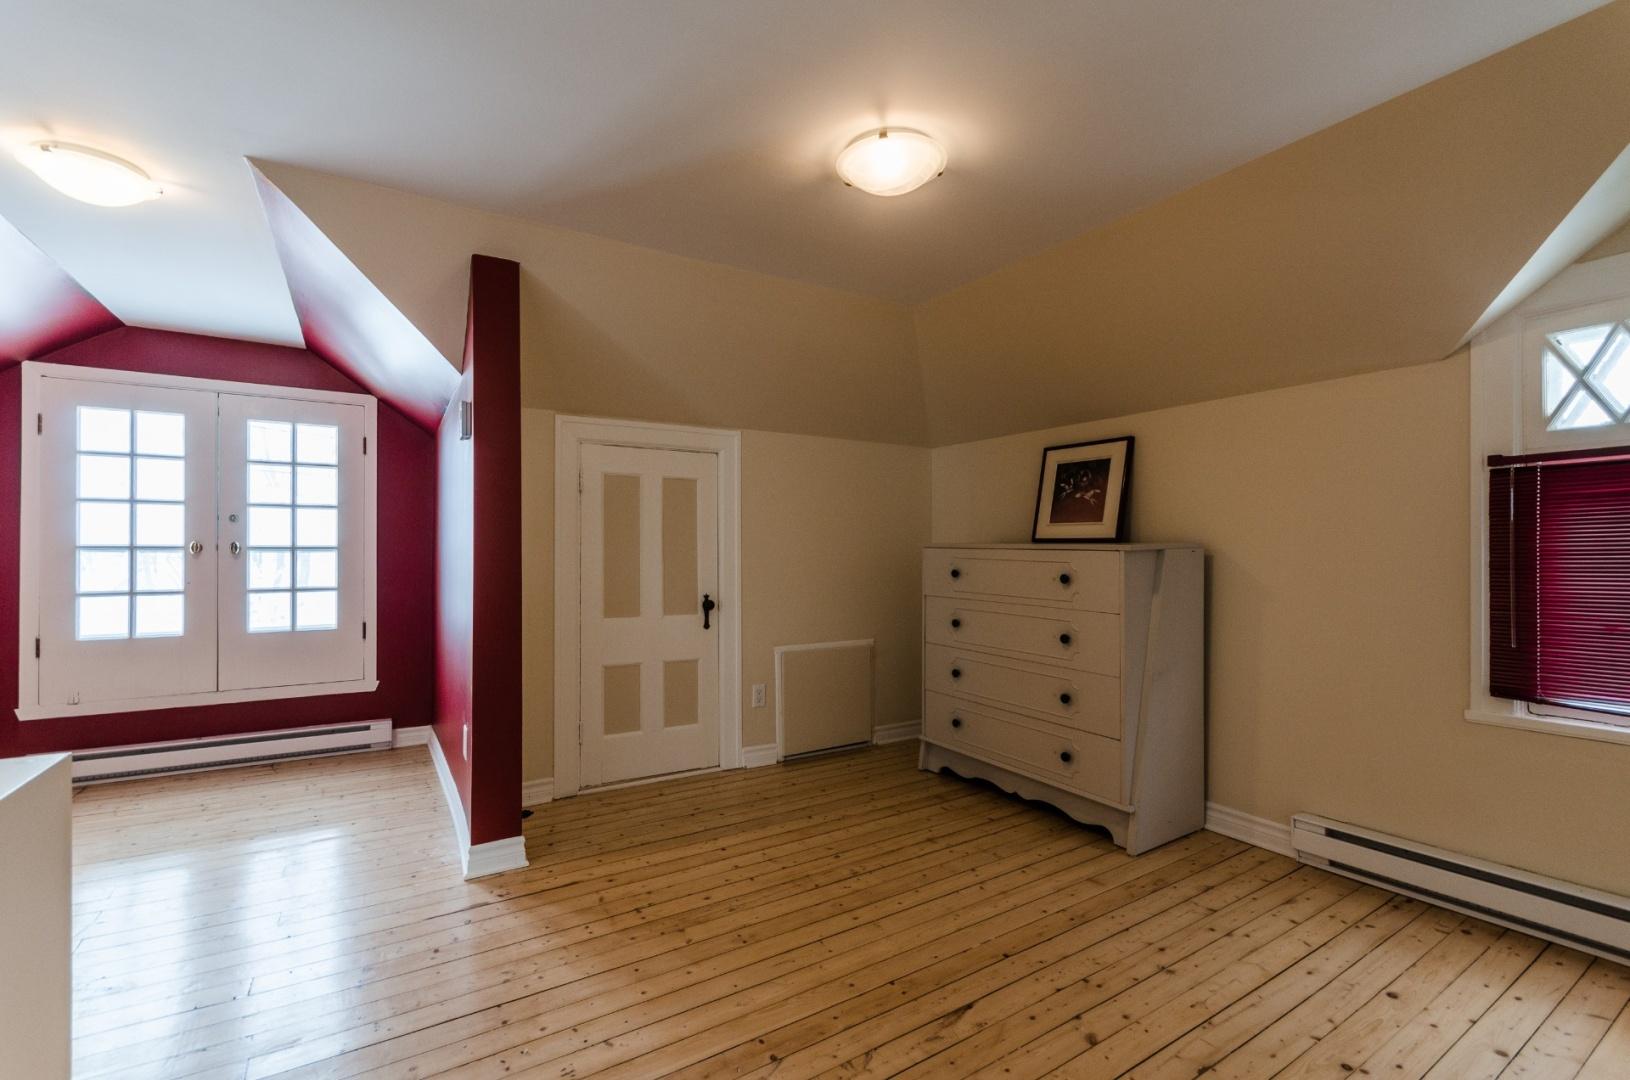 Maison-etages-boucherville-vieux-village-joli-Design-Quebec-09